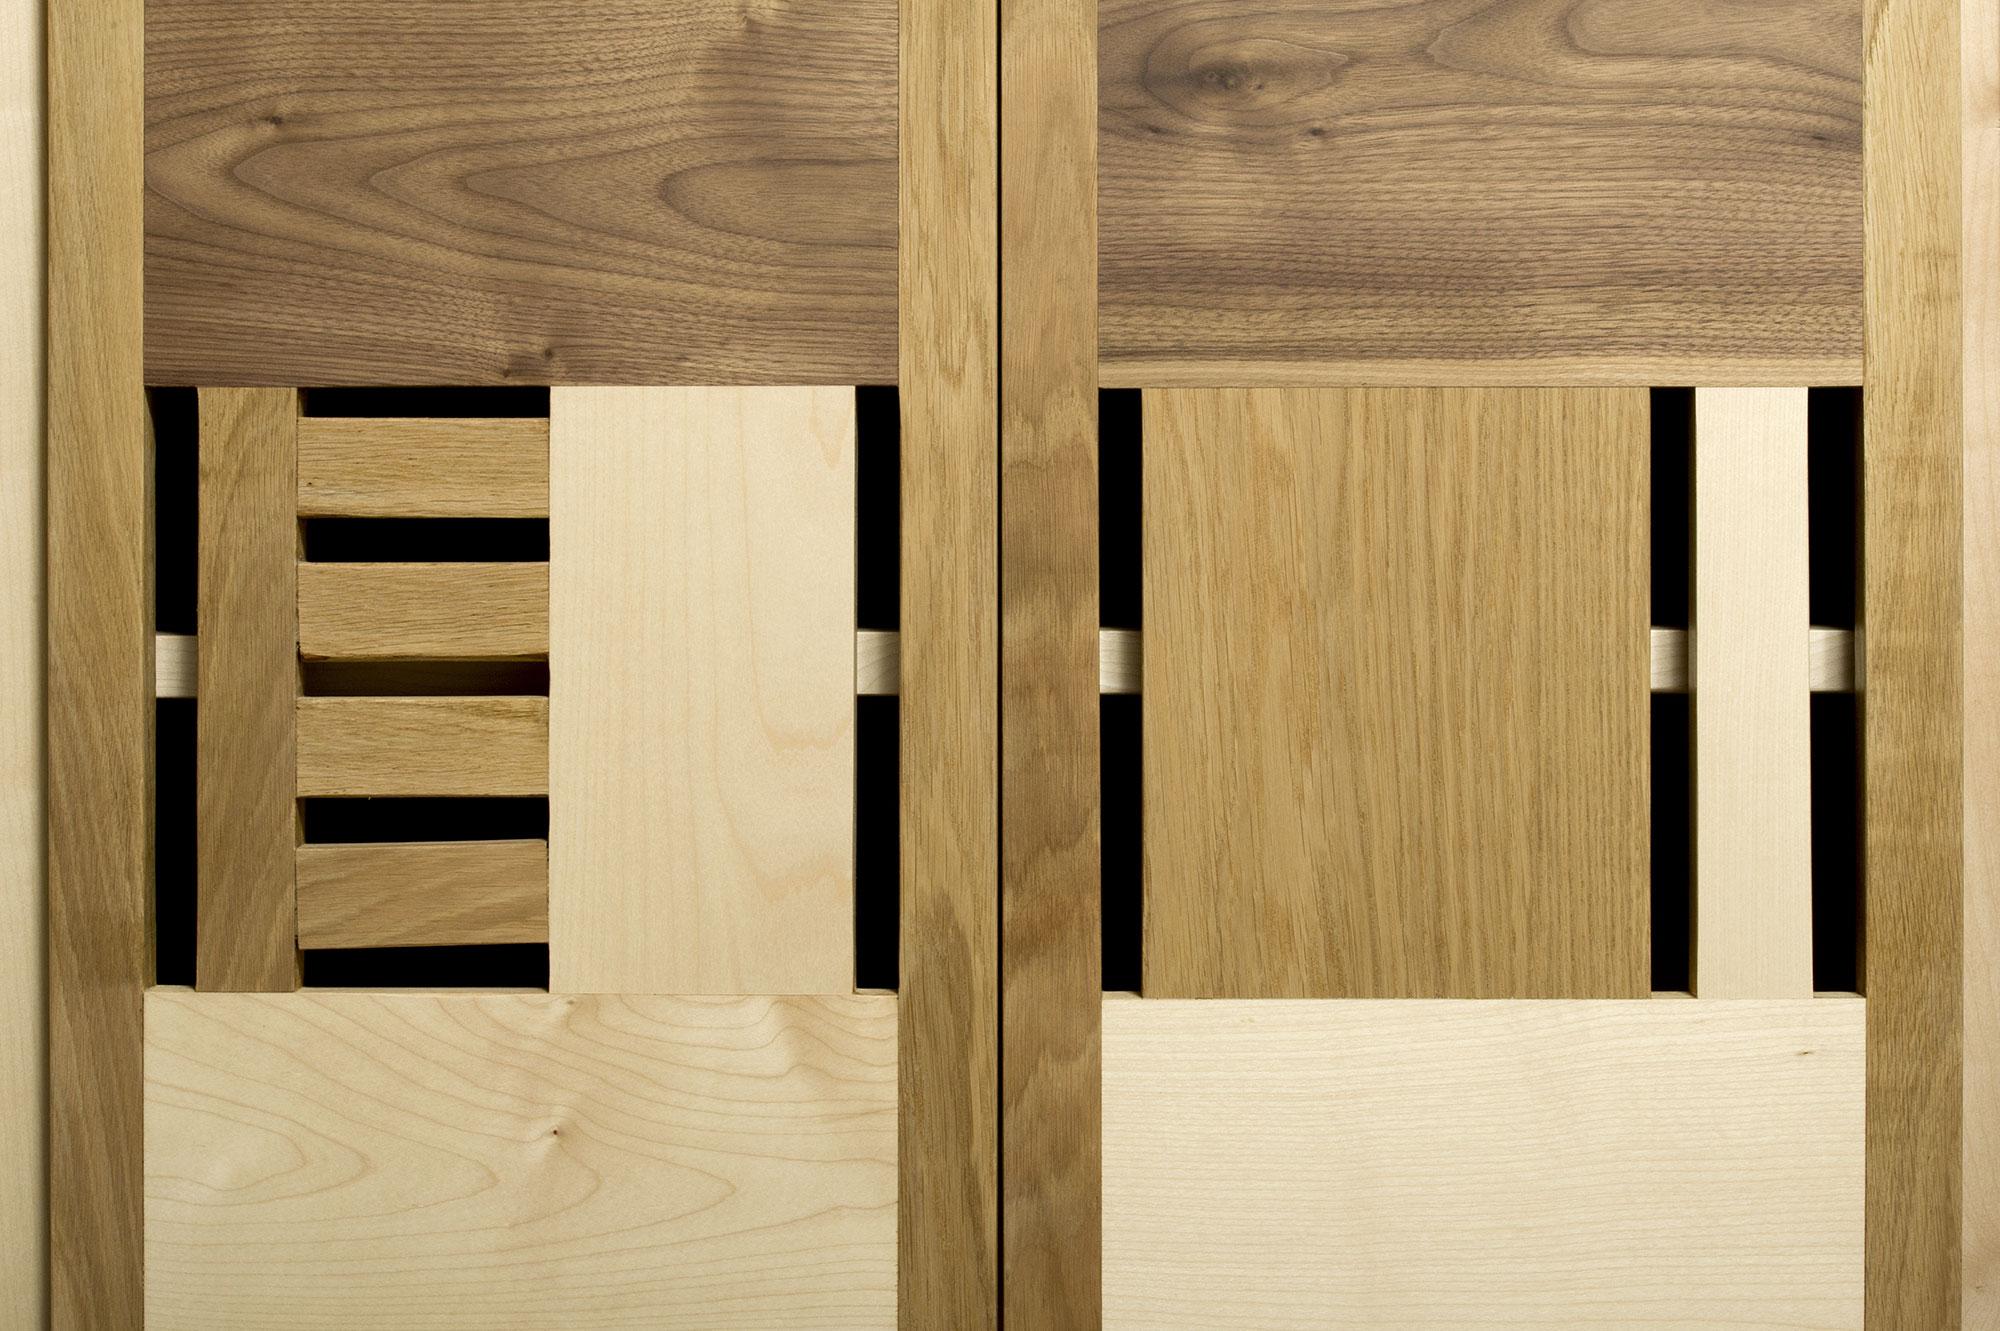 credenza in legno massello varie essenze fatto a mano